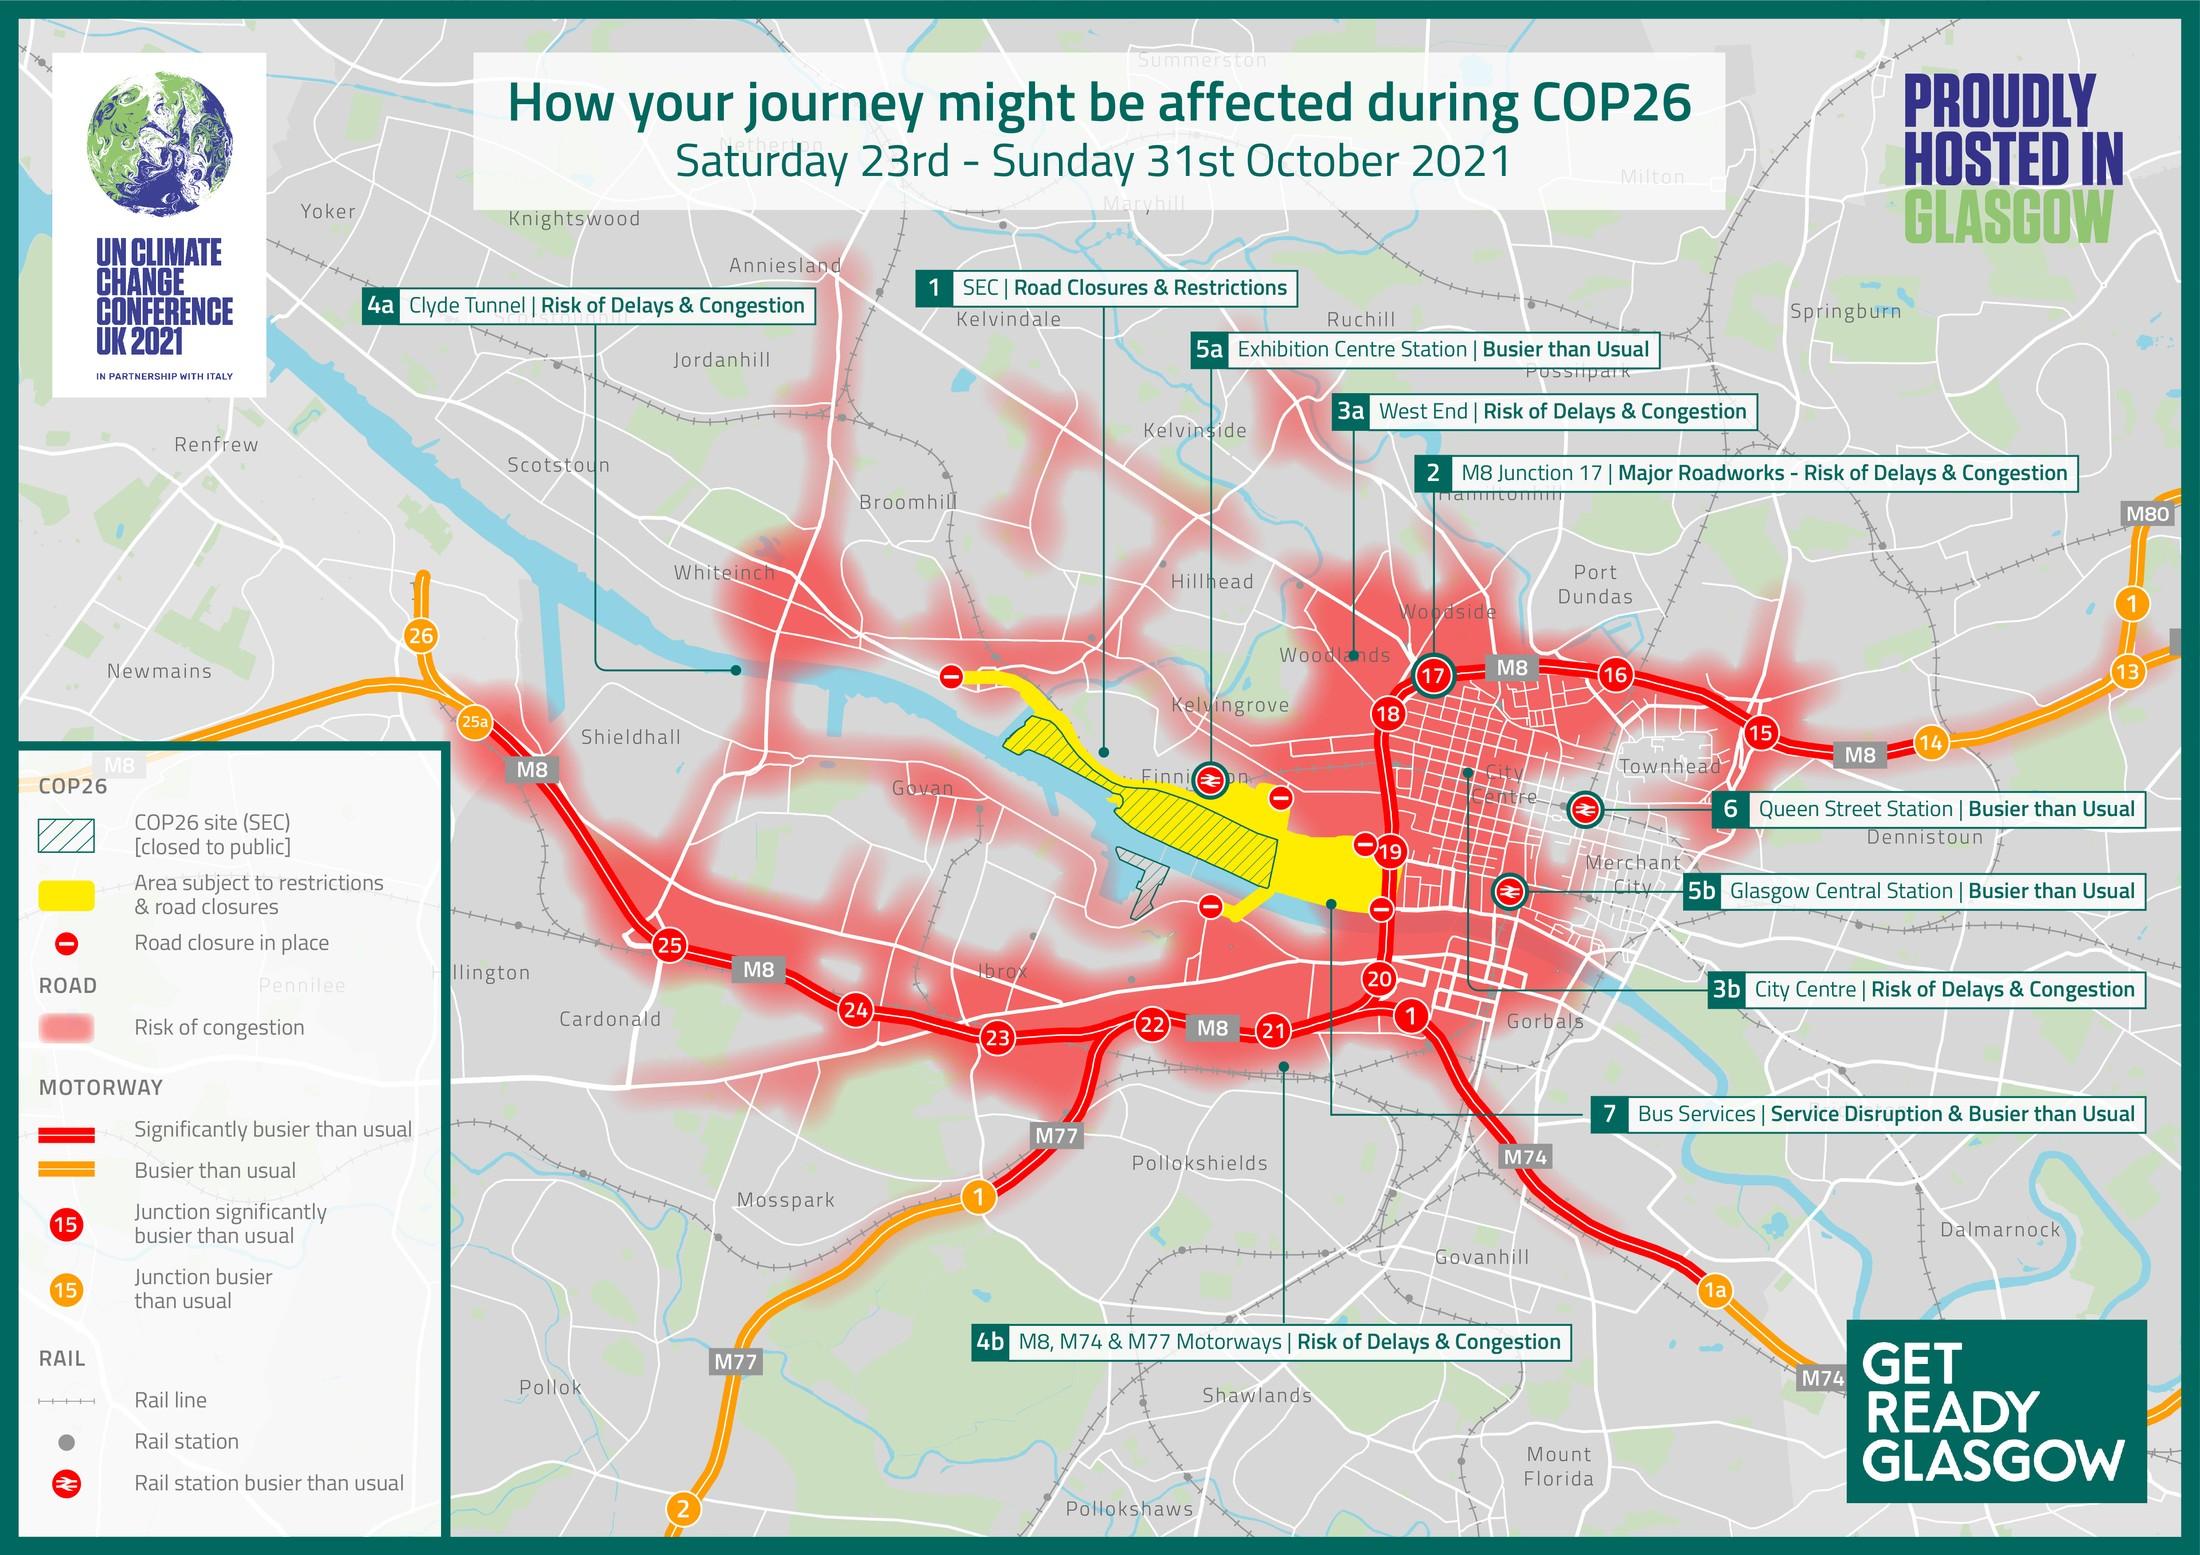 Penutupan jalan COP26 hari ini karena Clydeside Expressway dan persimpangan M8 tetap ditutup